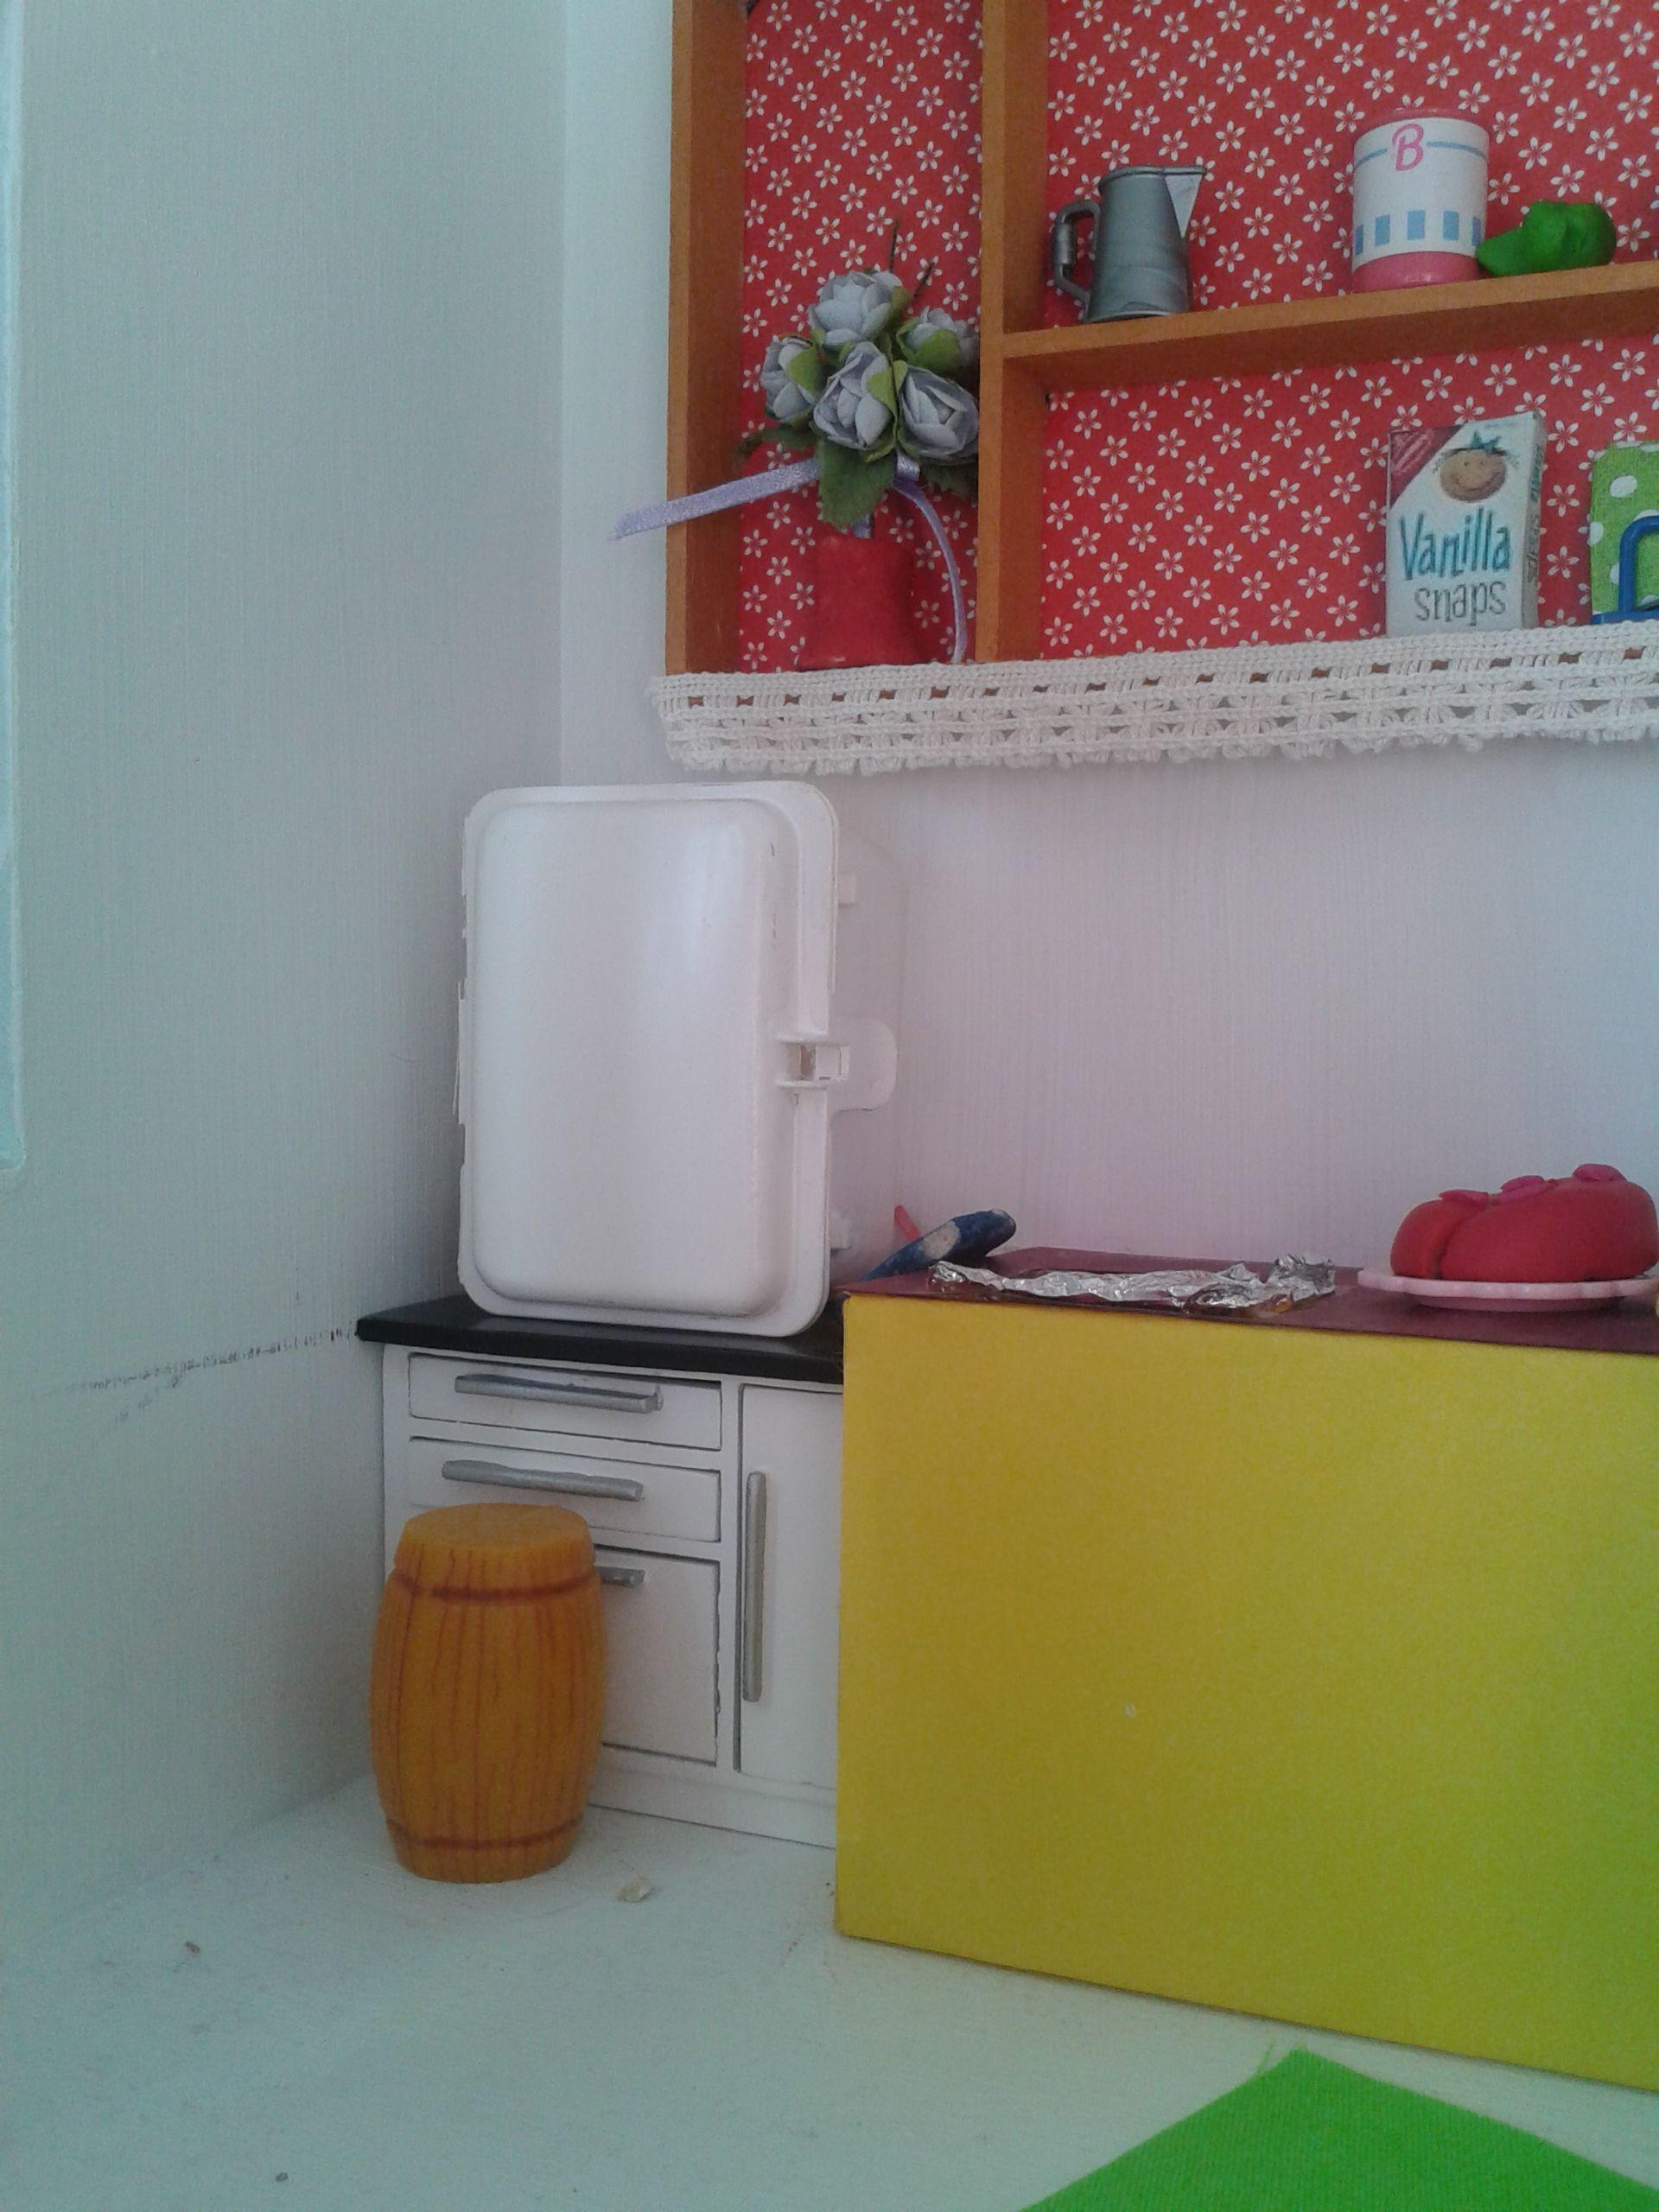 Jääkaappi tuttirasiasta...